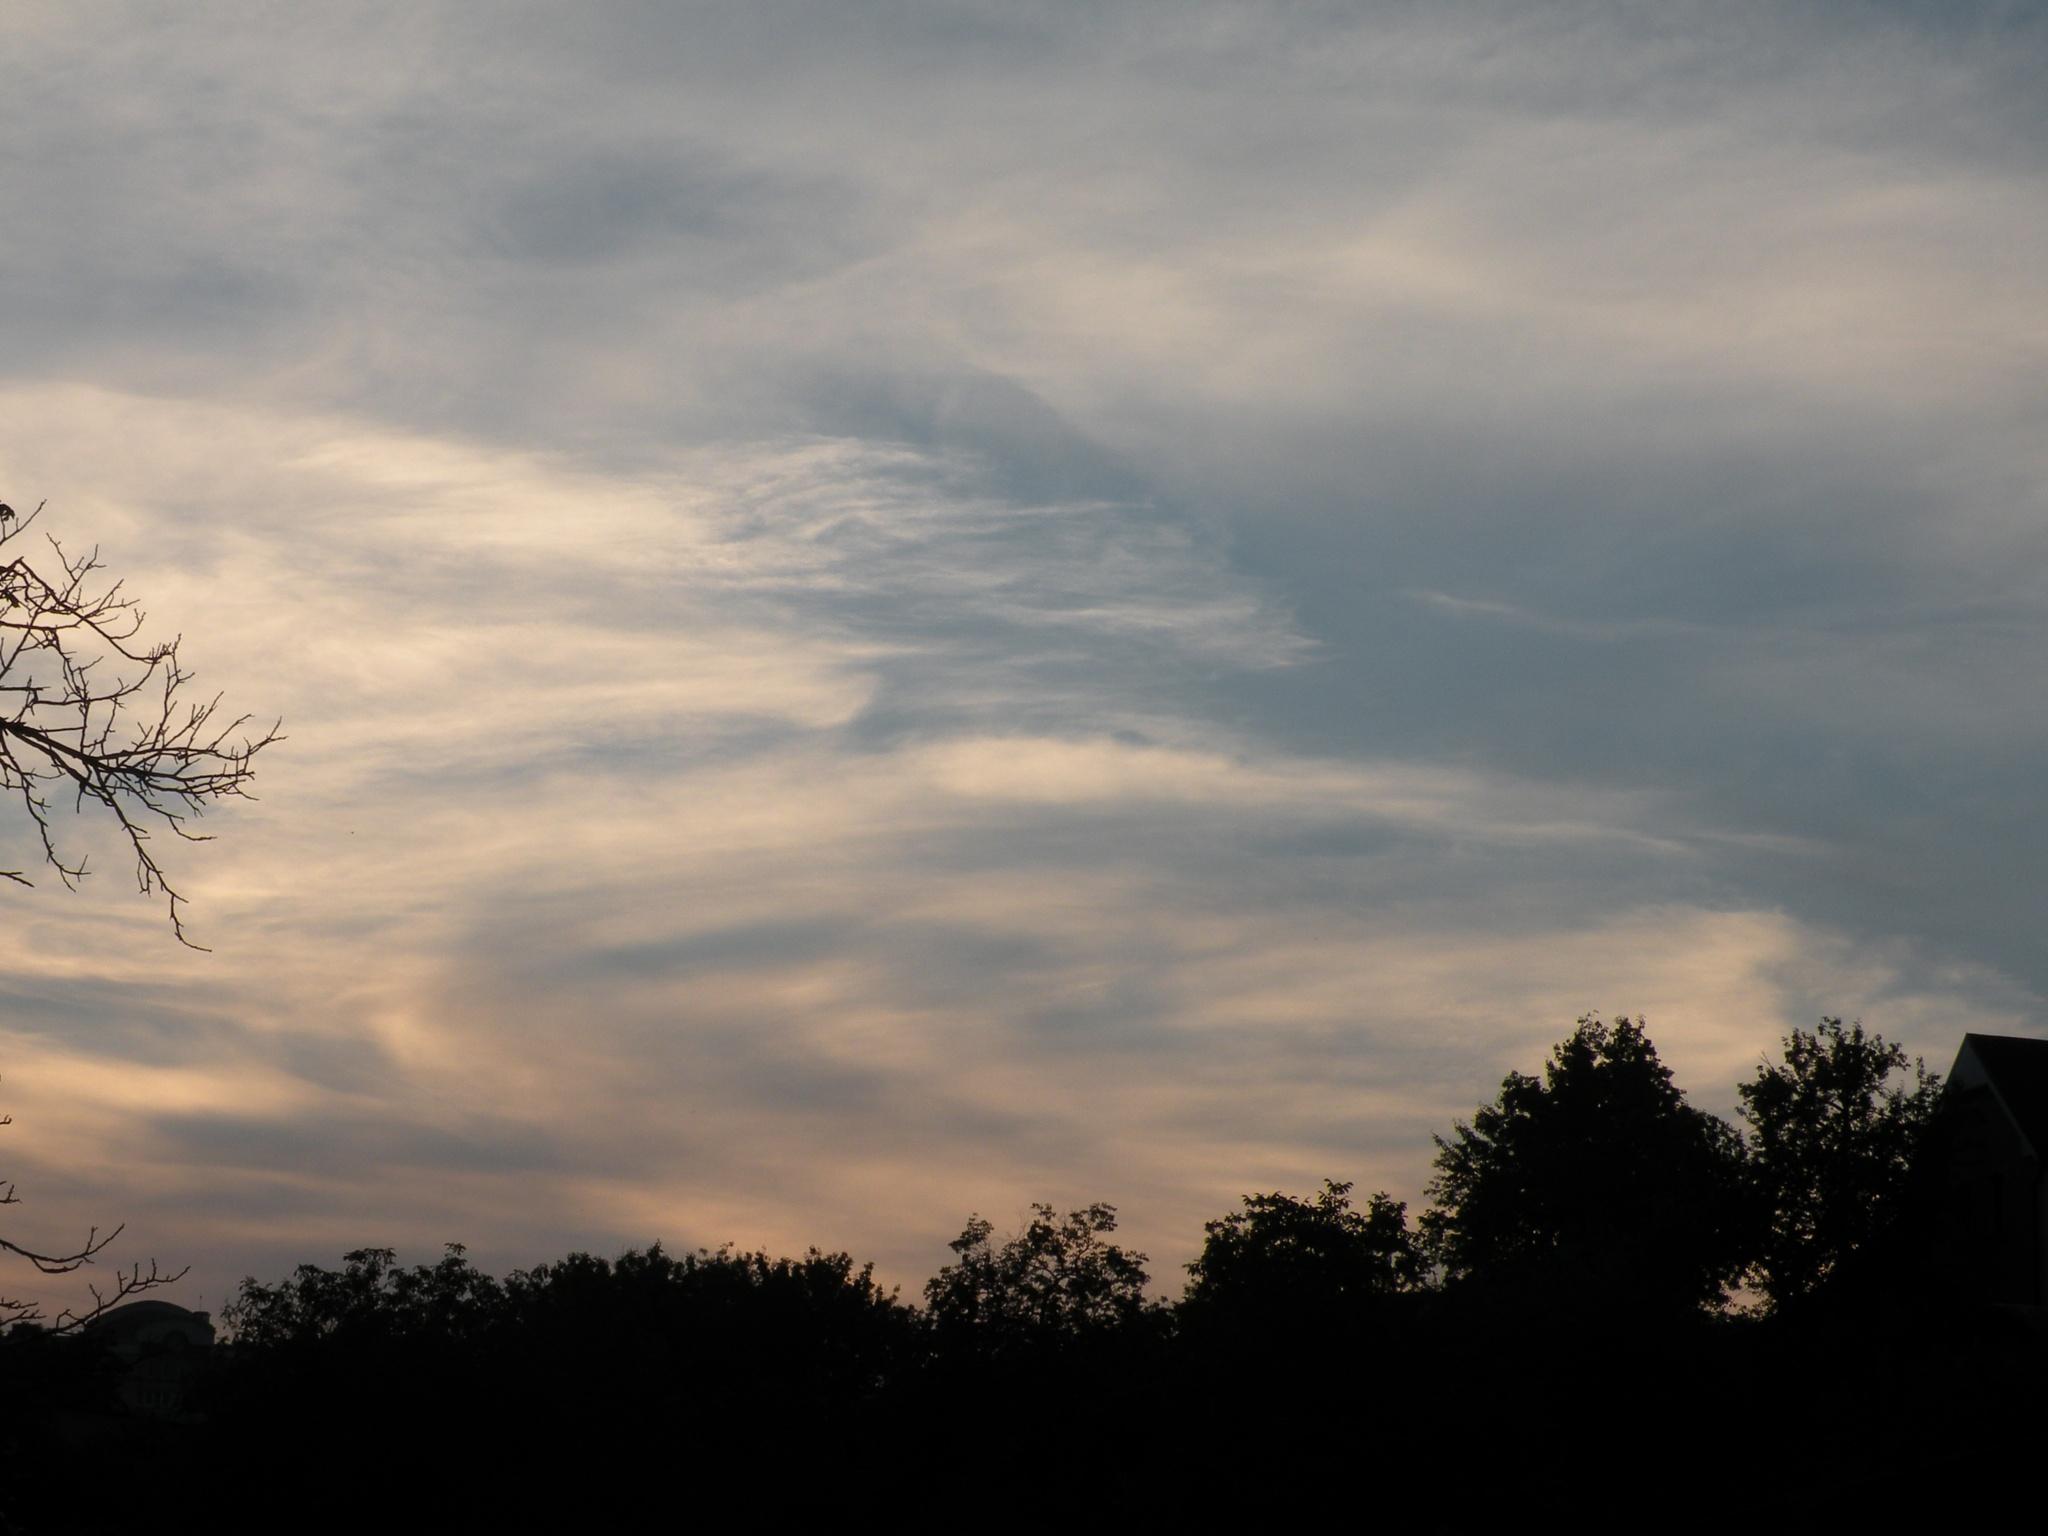 Cloud vortex by Alexandr  V. Seleznov